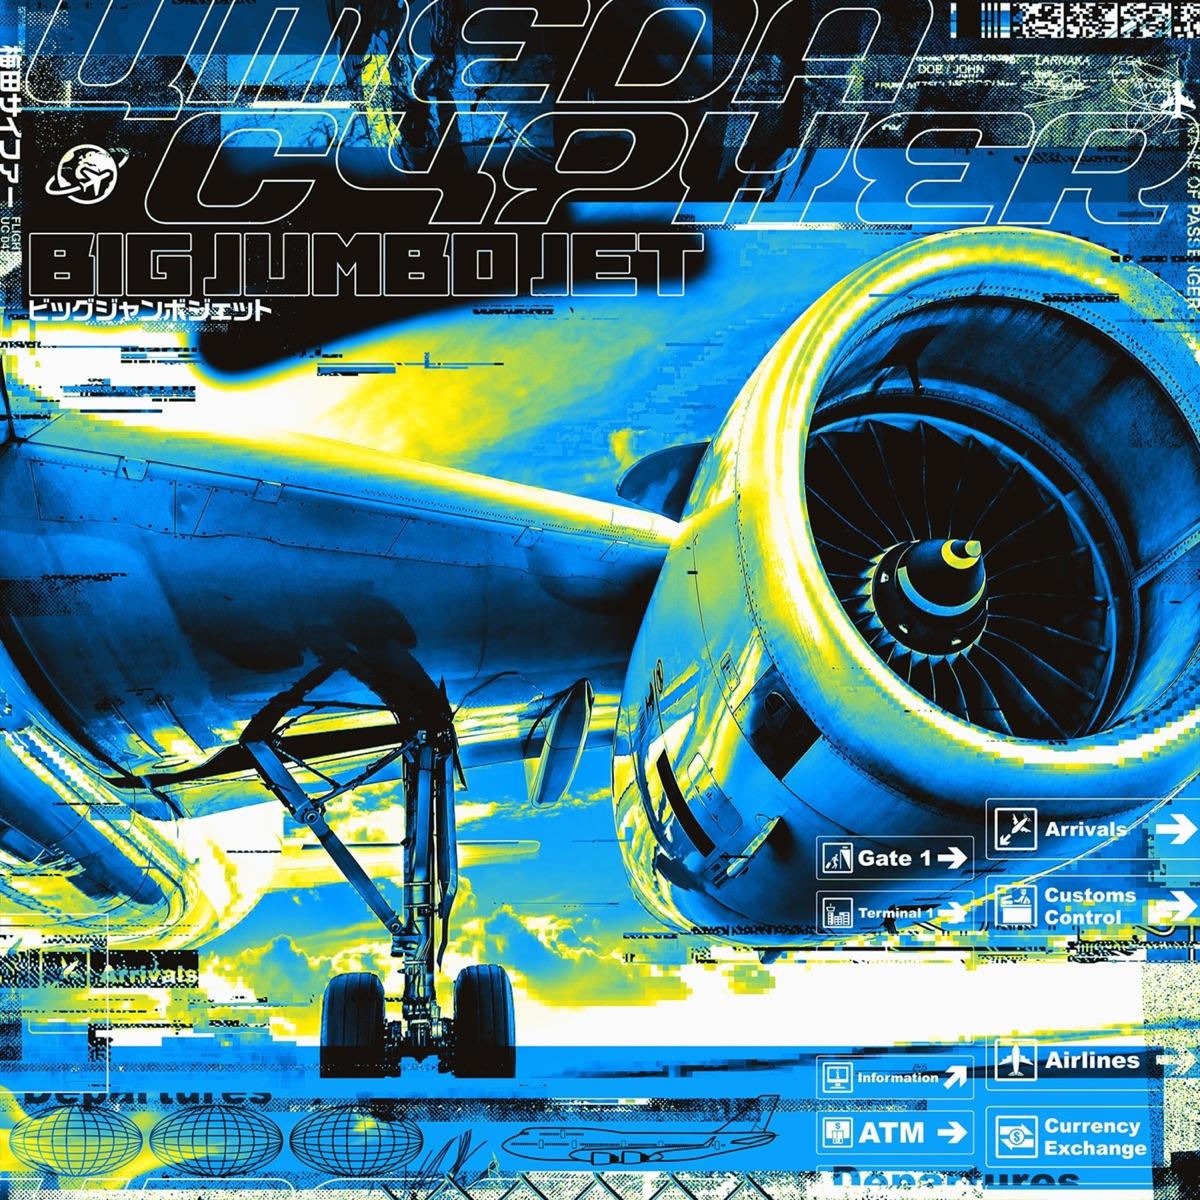 『梅田サイファー - Future is... (feat.たうりん, KBD, KOPERU, ILL SWAG GAGA, KZ & teppei)』収録の『ビッグジャンボジェット』ジャケット